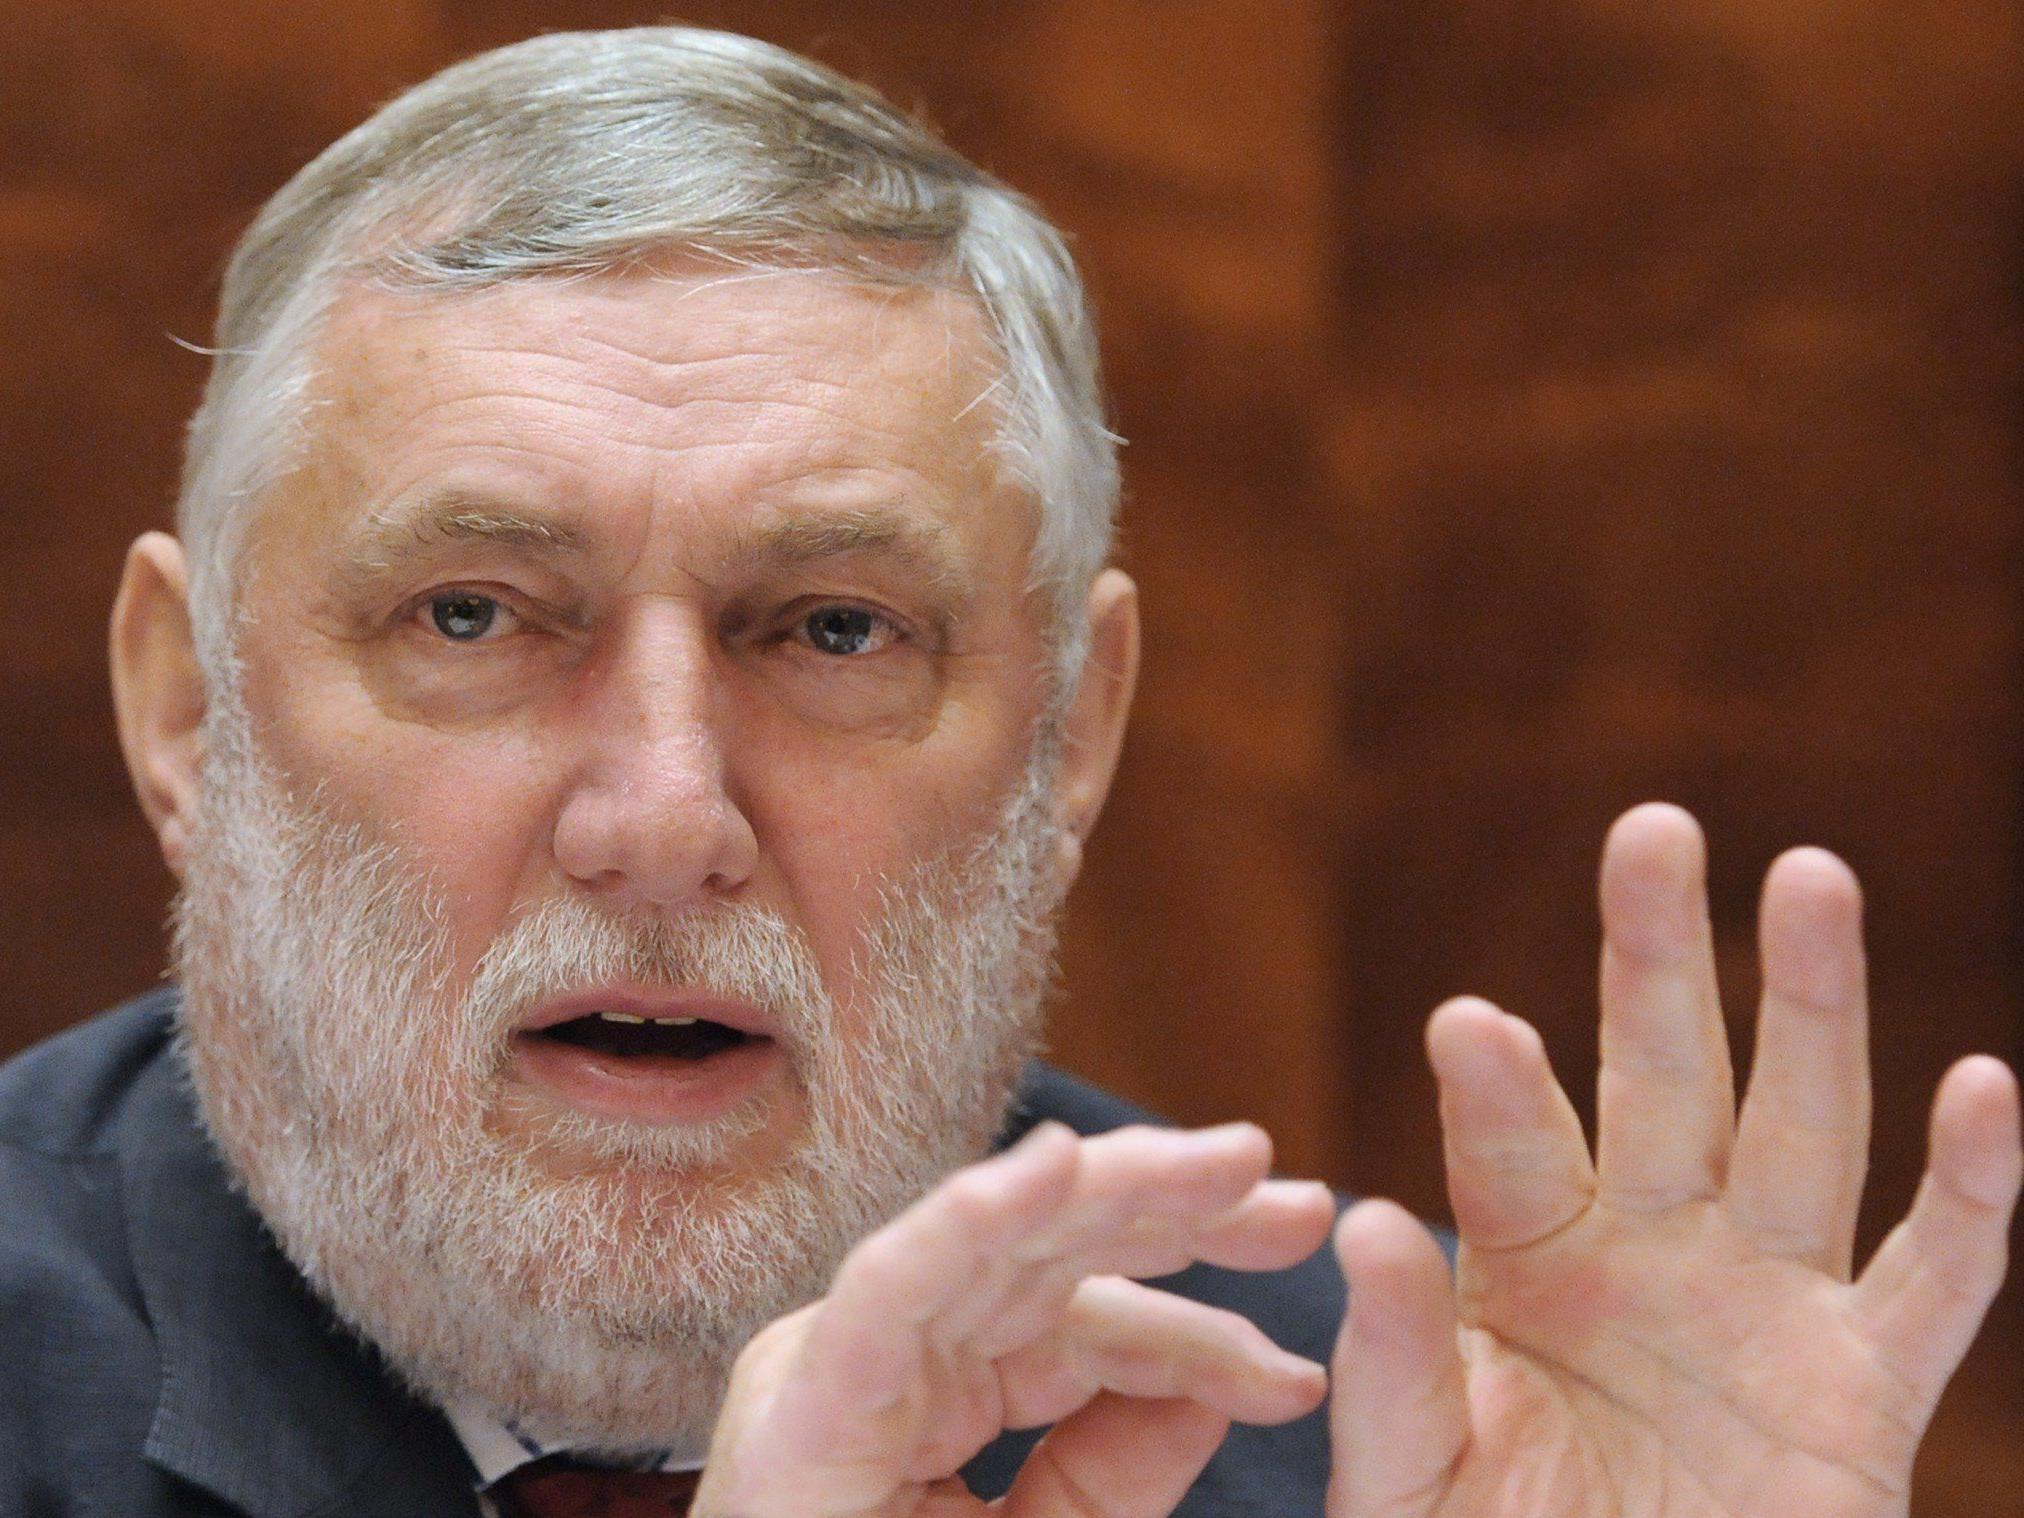 Fischler: Keine Verpflichtung für Gemeinden zur Vergabe an Firmen - Privatisieren kein Allheilmittel.